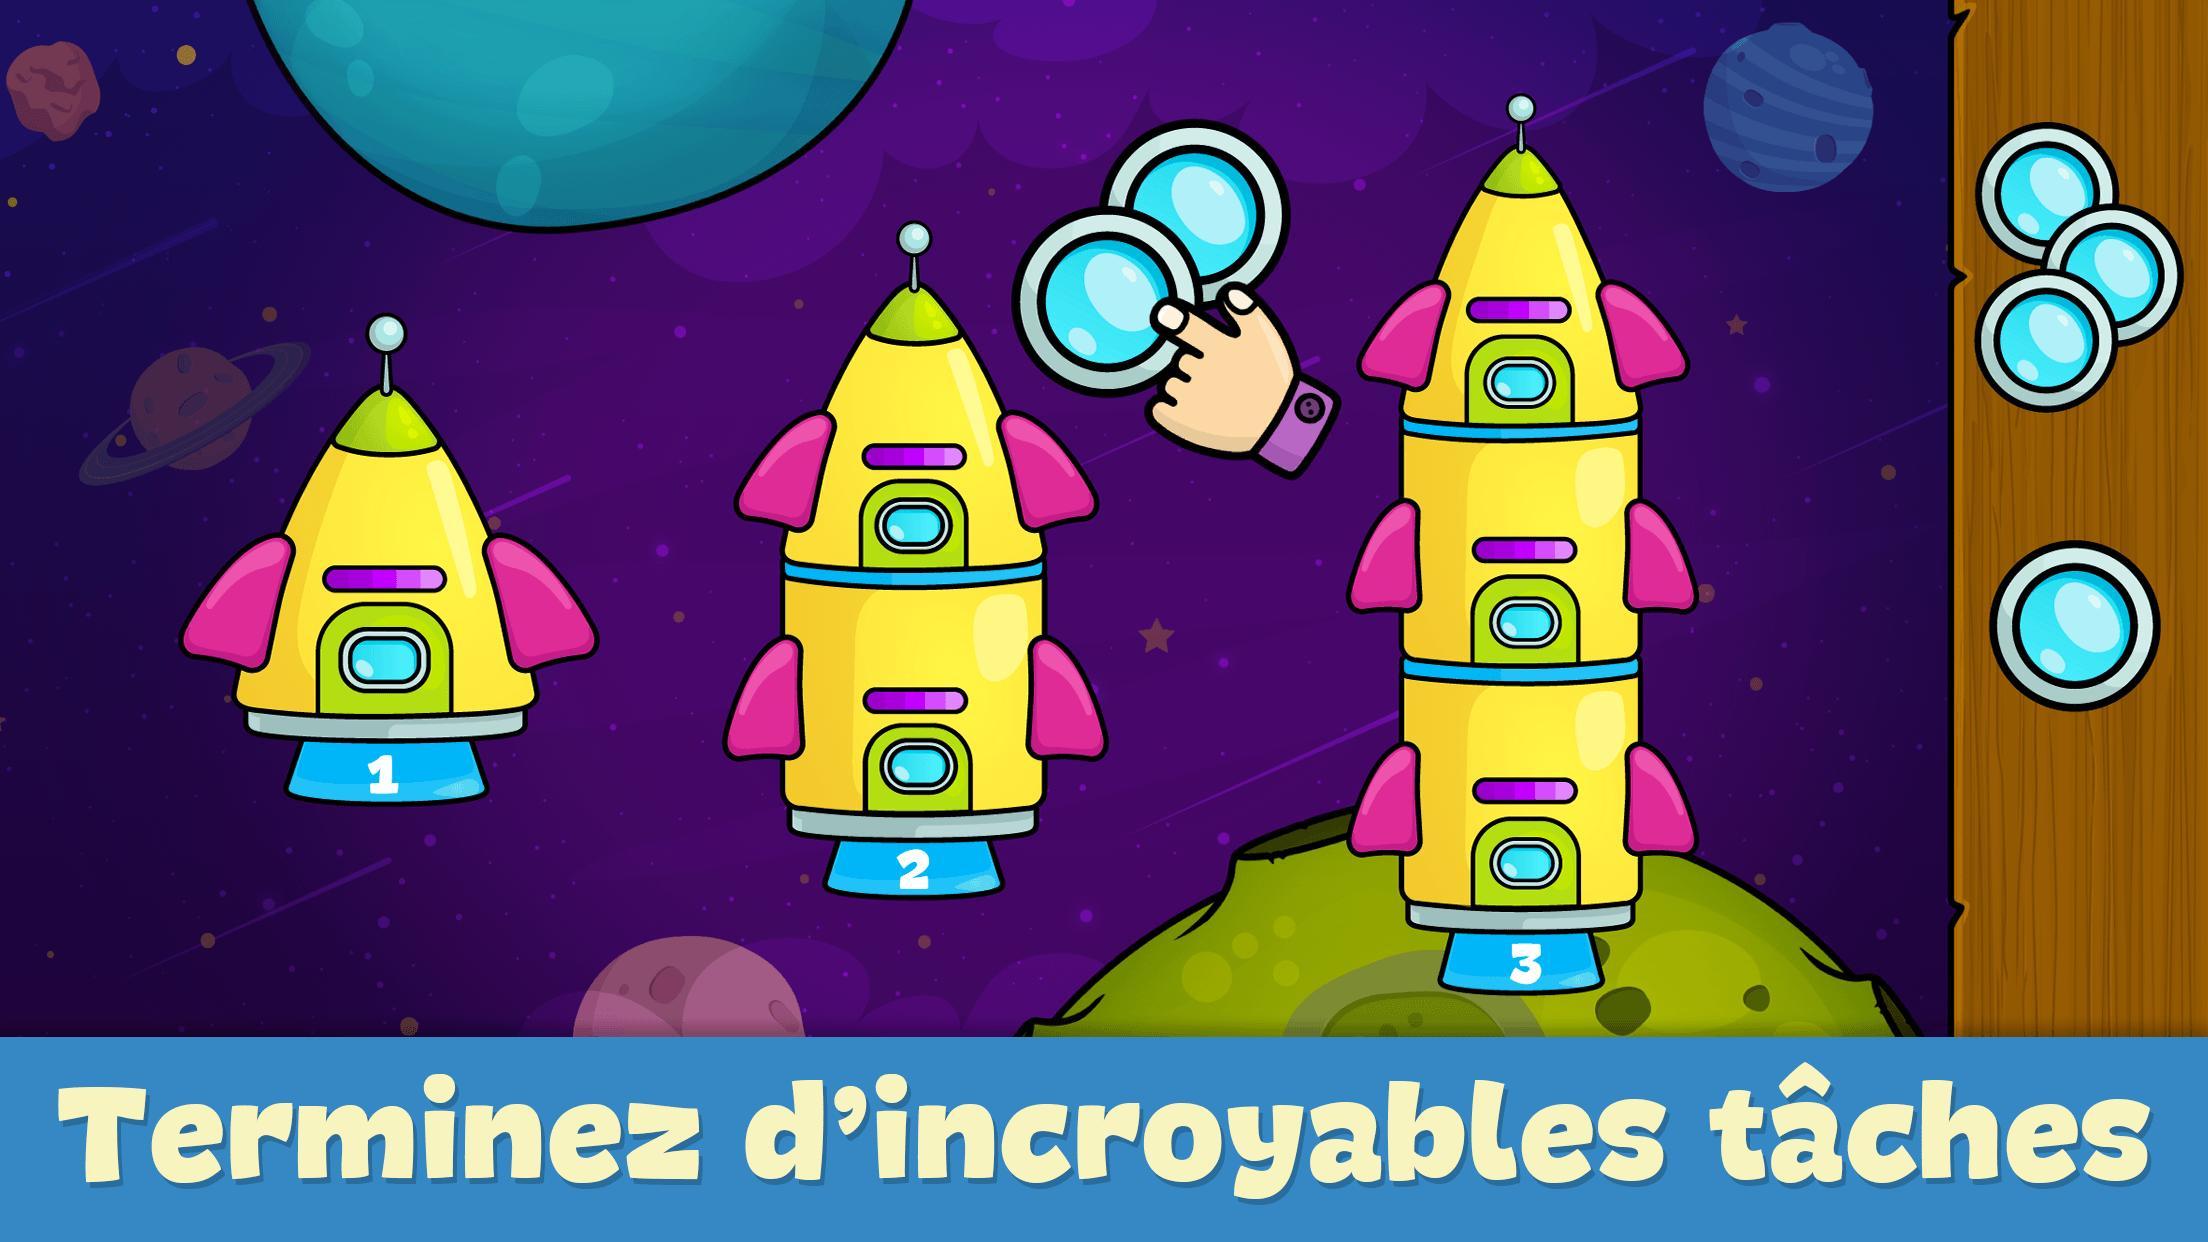 Jeux Pour Enfants 2 - 5 Ans Pour Android - Téléchargez L'apk encequiconcerne Jeux Pour Garcon De 3 Ans